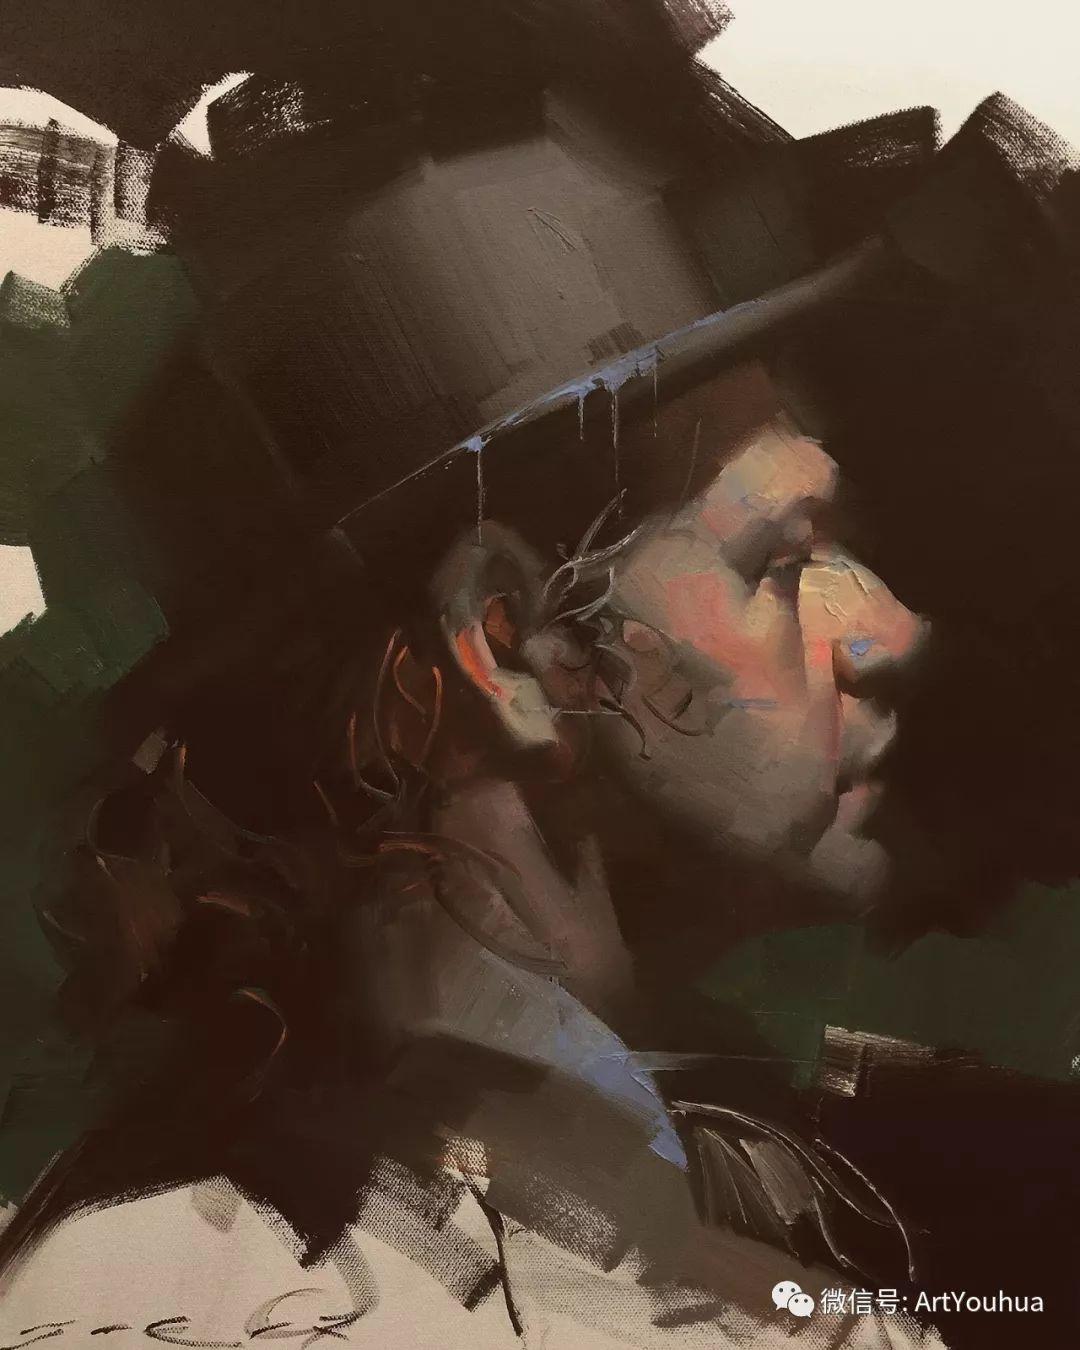 他的人物肖像绘画独具一格 还是位80后画家插图11